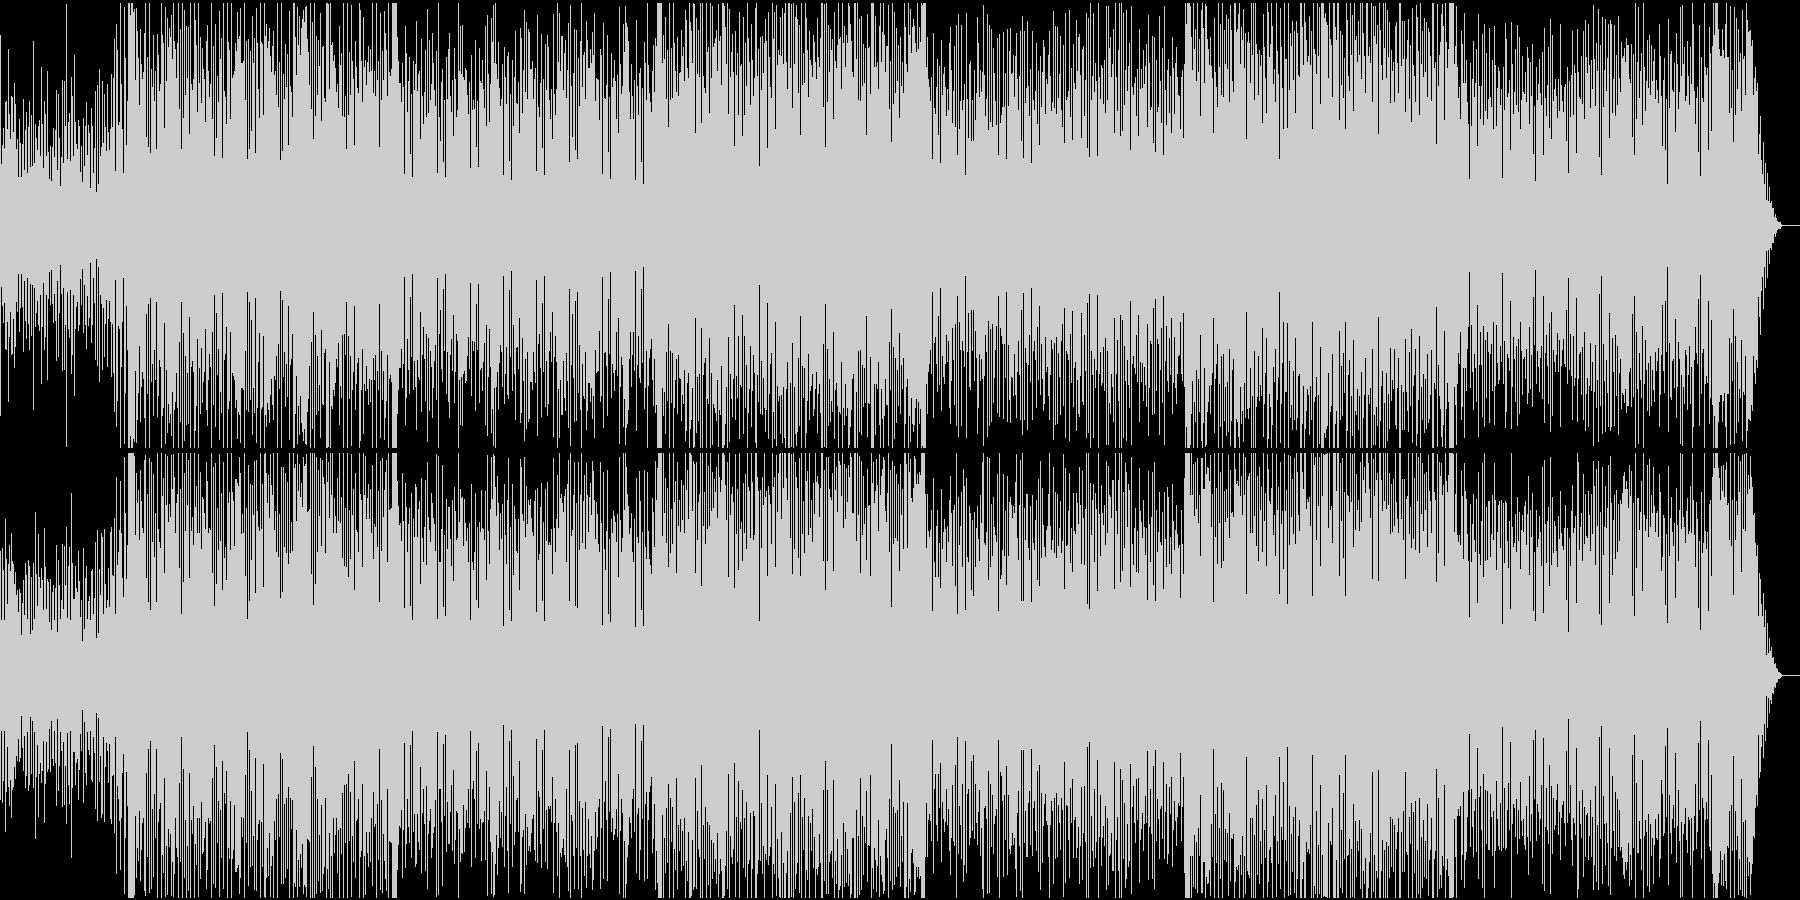 ゲーム音楽風何かが始まる時のエモトランスの未再生の波形